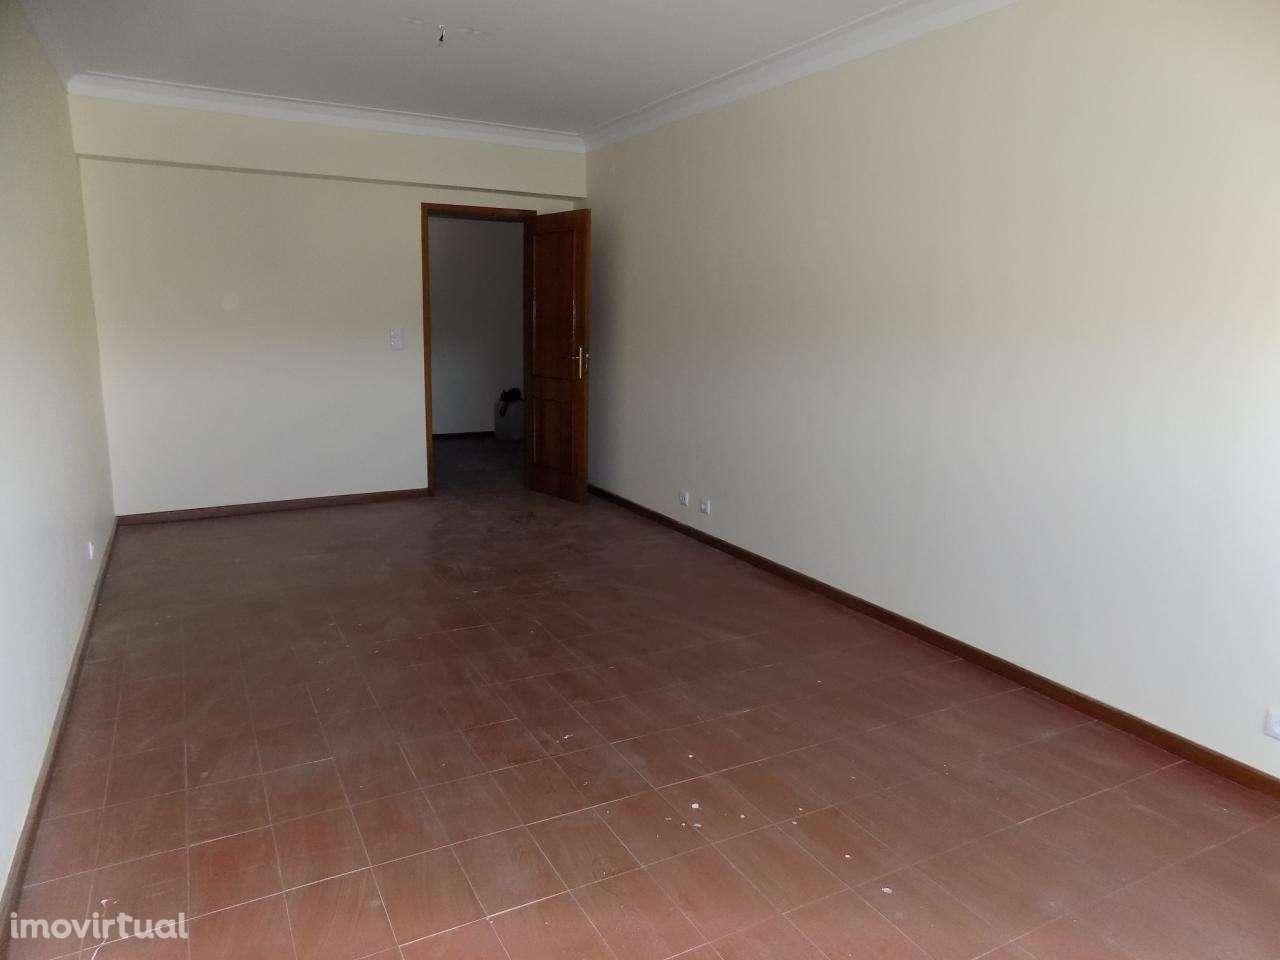 Apartamento para arrendar, Oliveira do Douro, Porto - Foto 5